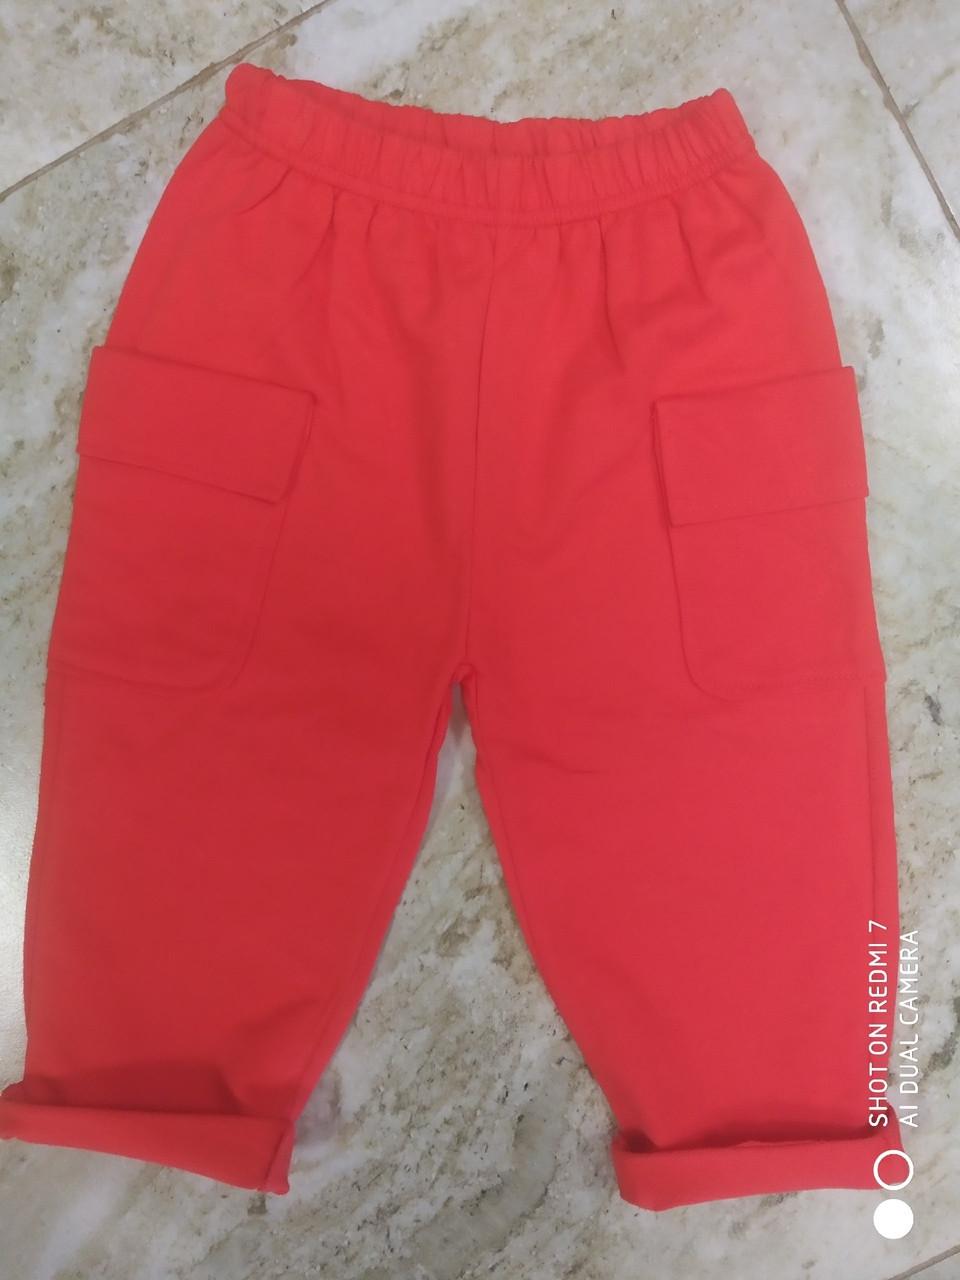 Трикотажные удлиненные шорты  на мальчика 134-140 см